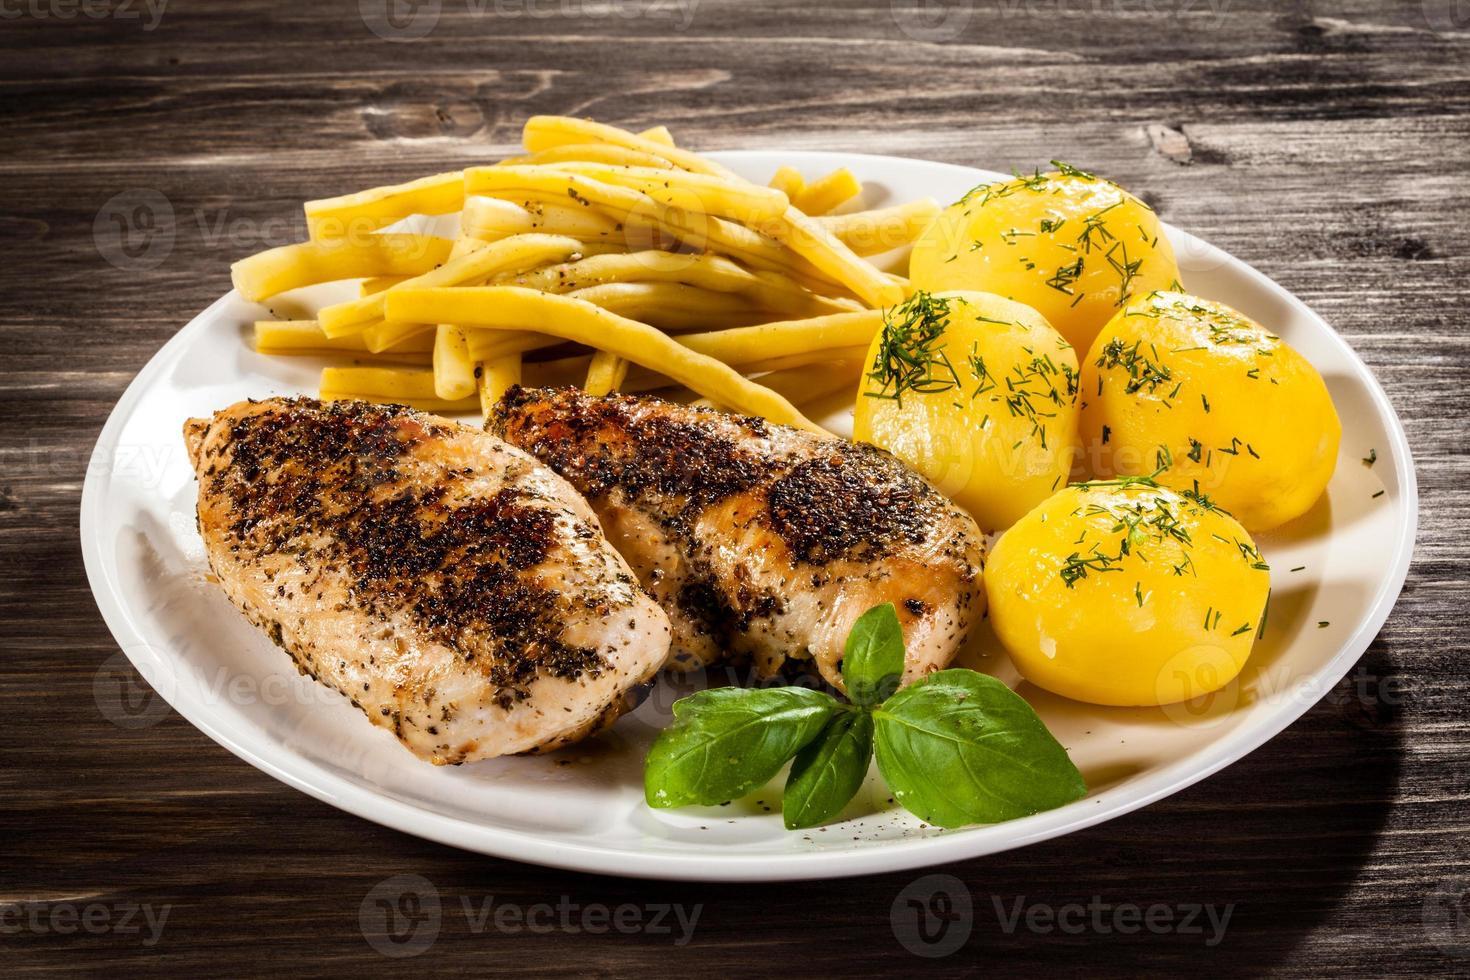 poitrines de poulet rôties et légumes photo